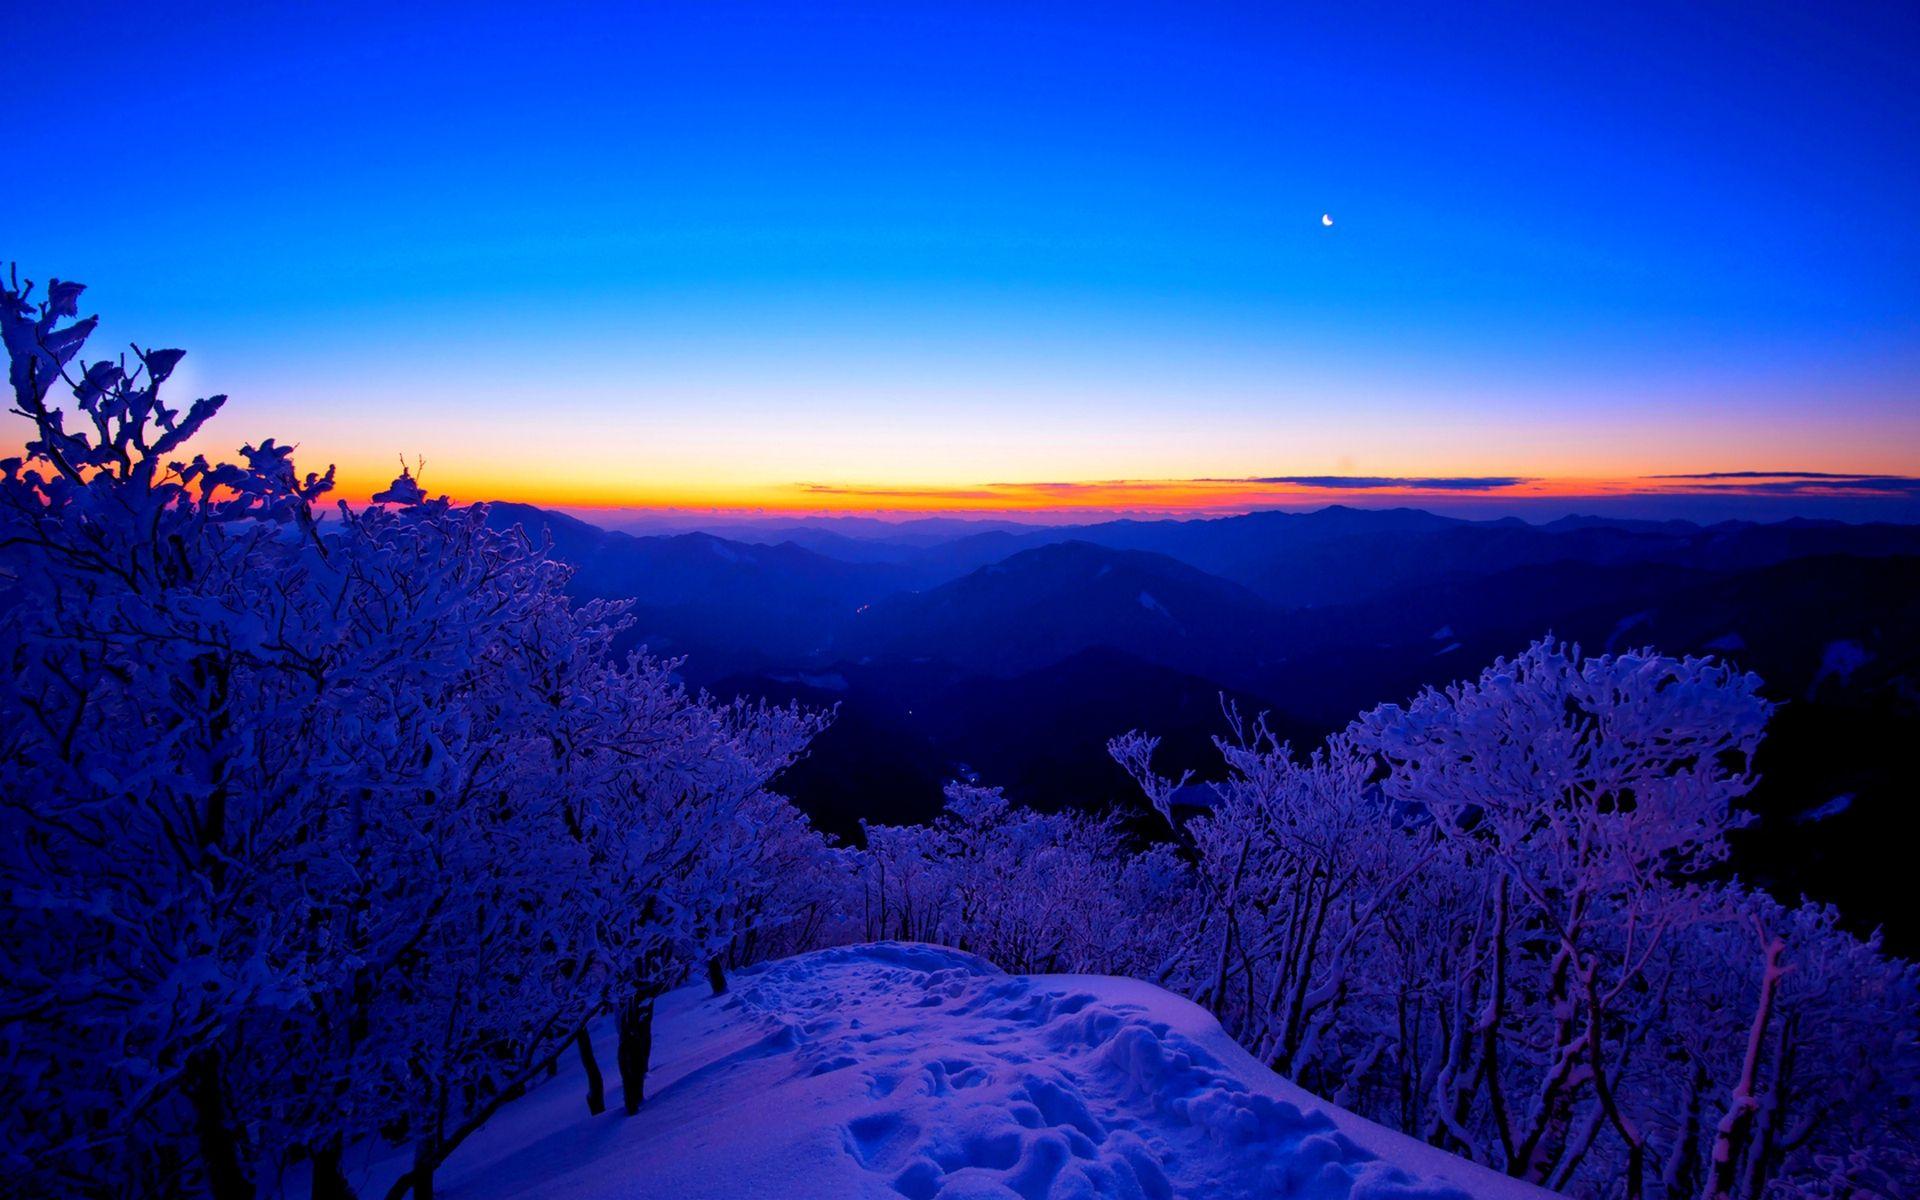 Winter Sunset Desktop Backgrounds Winter sunset